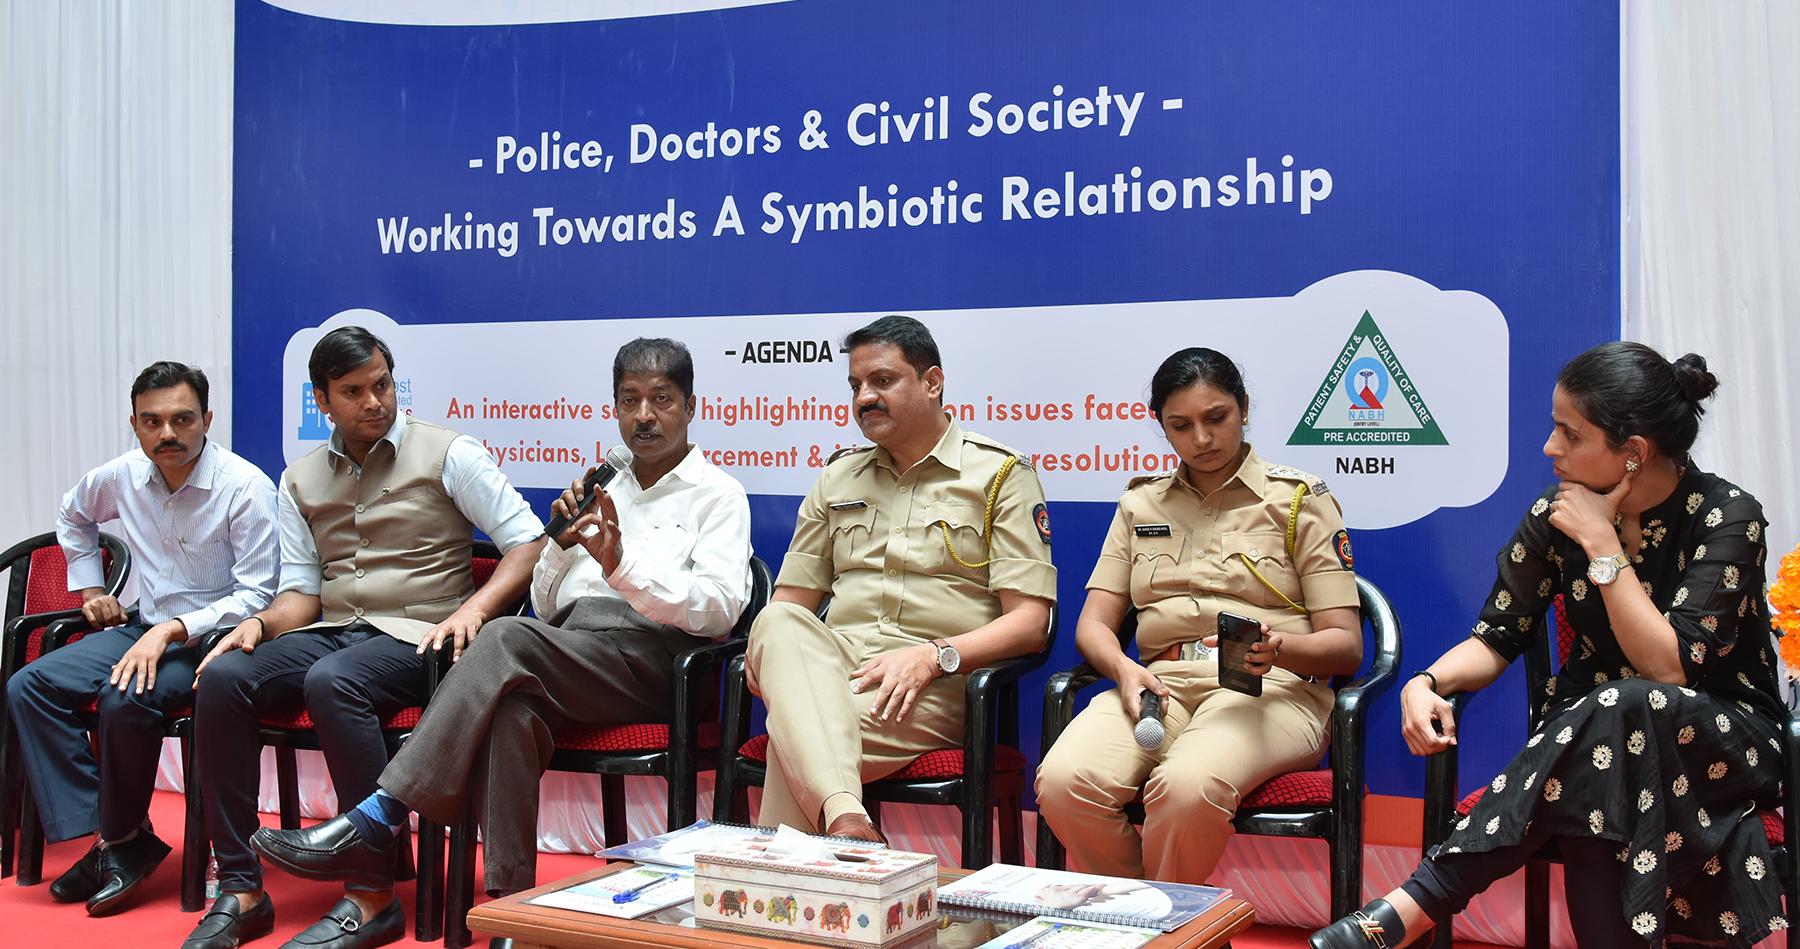 वैद्यकीय क्षेत्राची सामाजिक निकड भागविण्यास  पोलिस, डॉक्टर्स व नागरिकांचा सहयोग आवश्यक